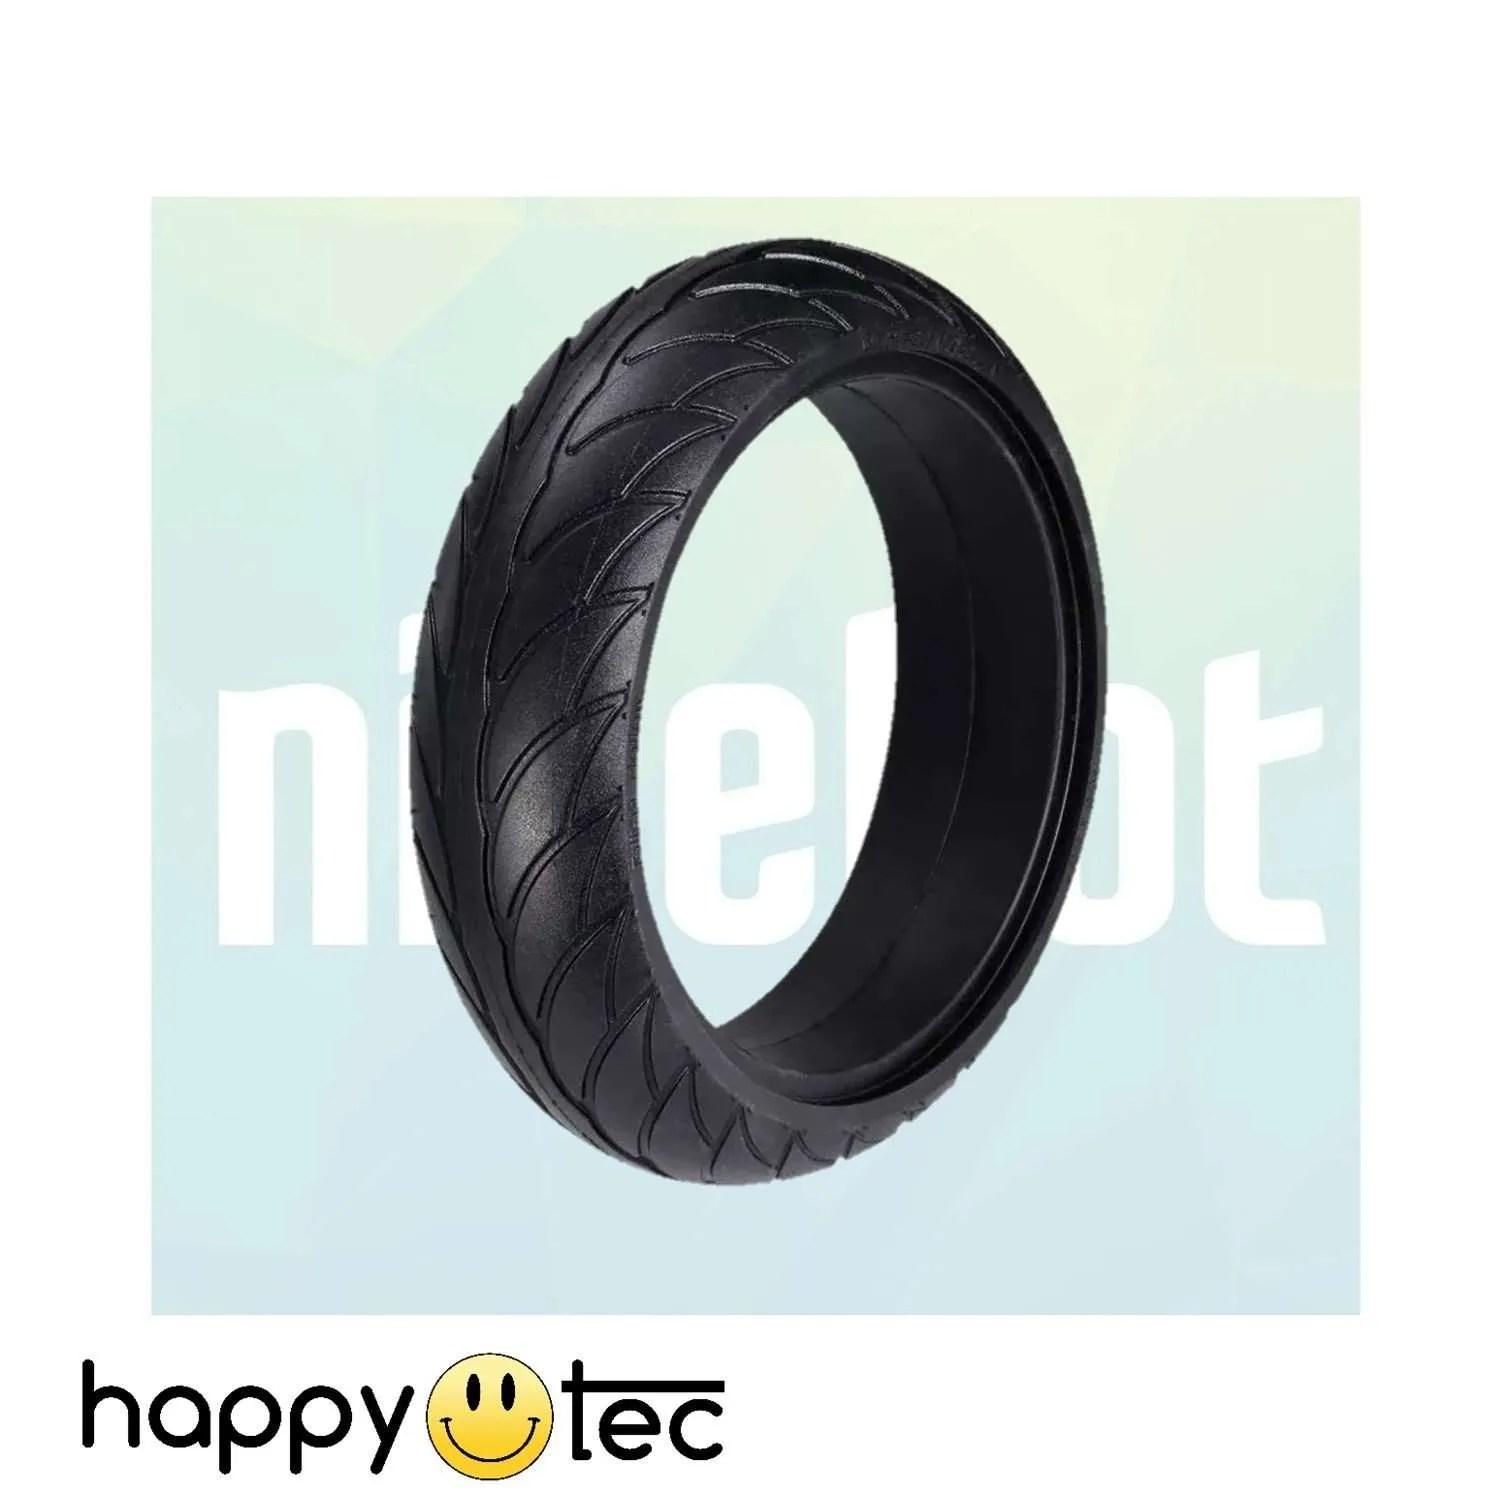 Ninebot-Serie-ES-Pneumatico-pieno-da-8 ricambi accessori riparazione assistenza tecnica monopattini elettrici monorim